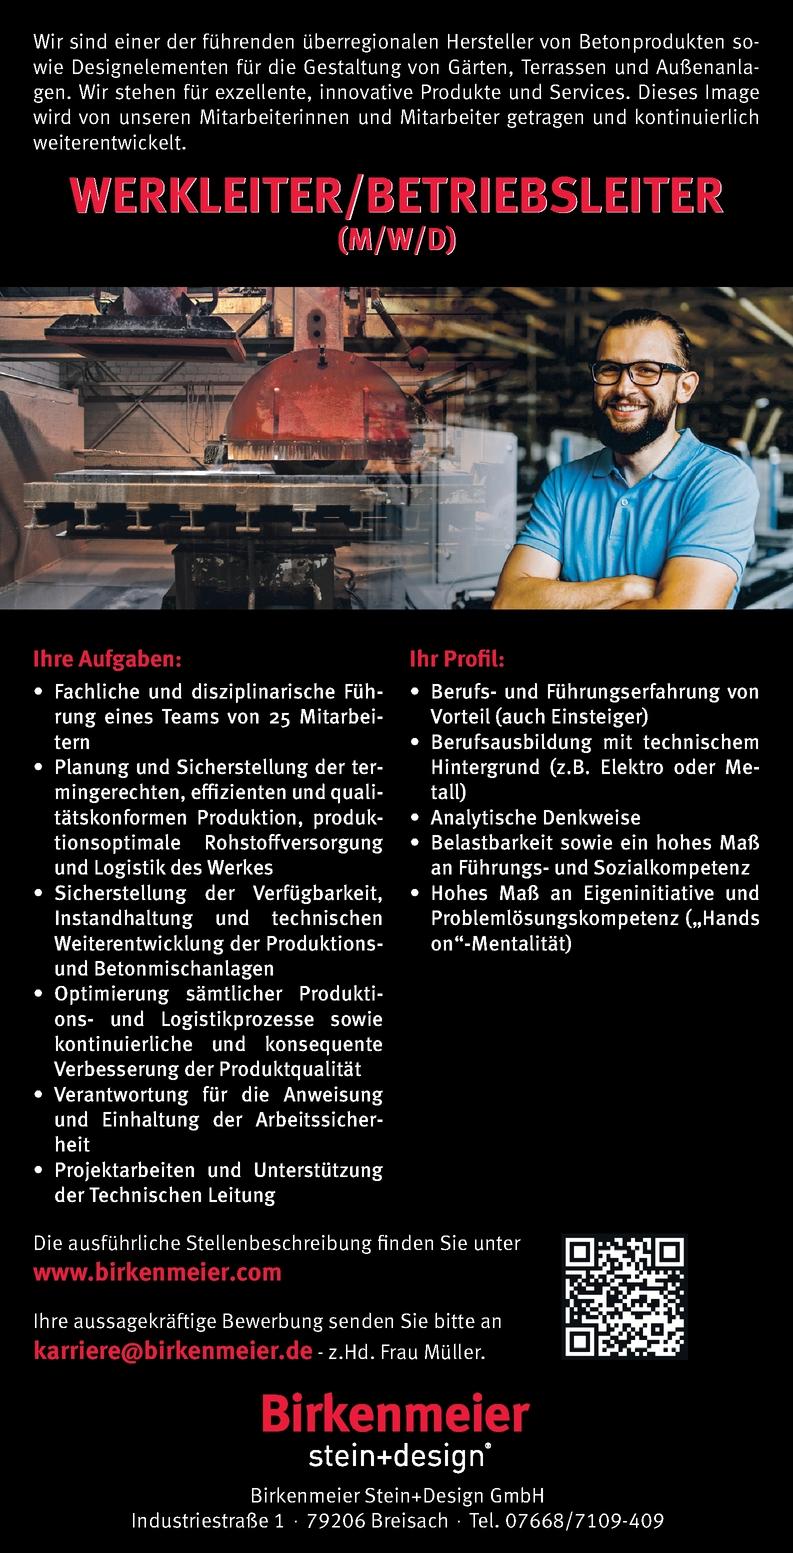 Werkleiter/Betriebsleiter m/w/d